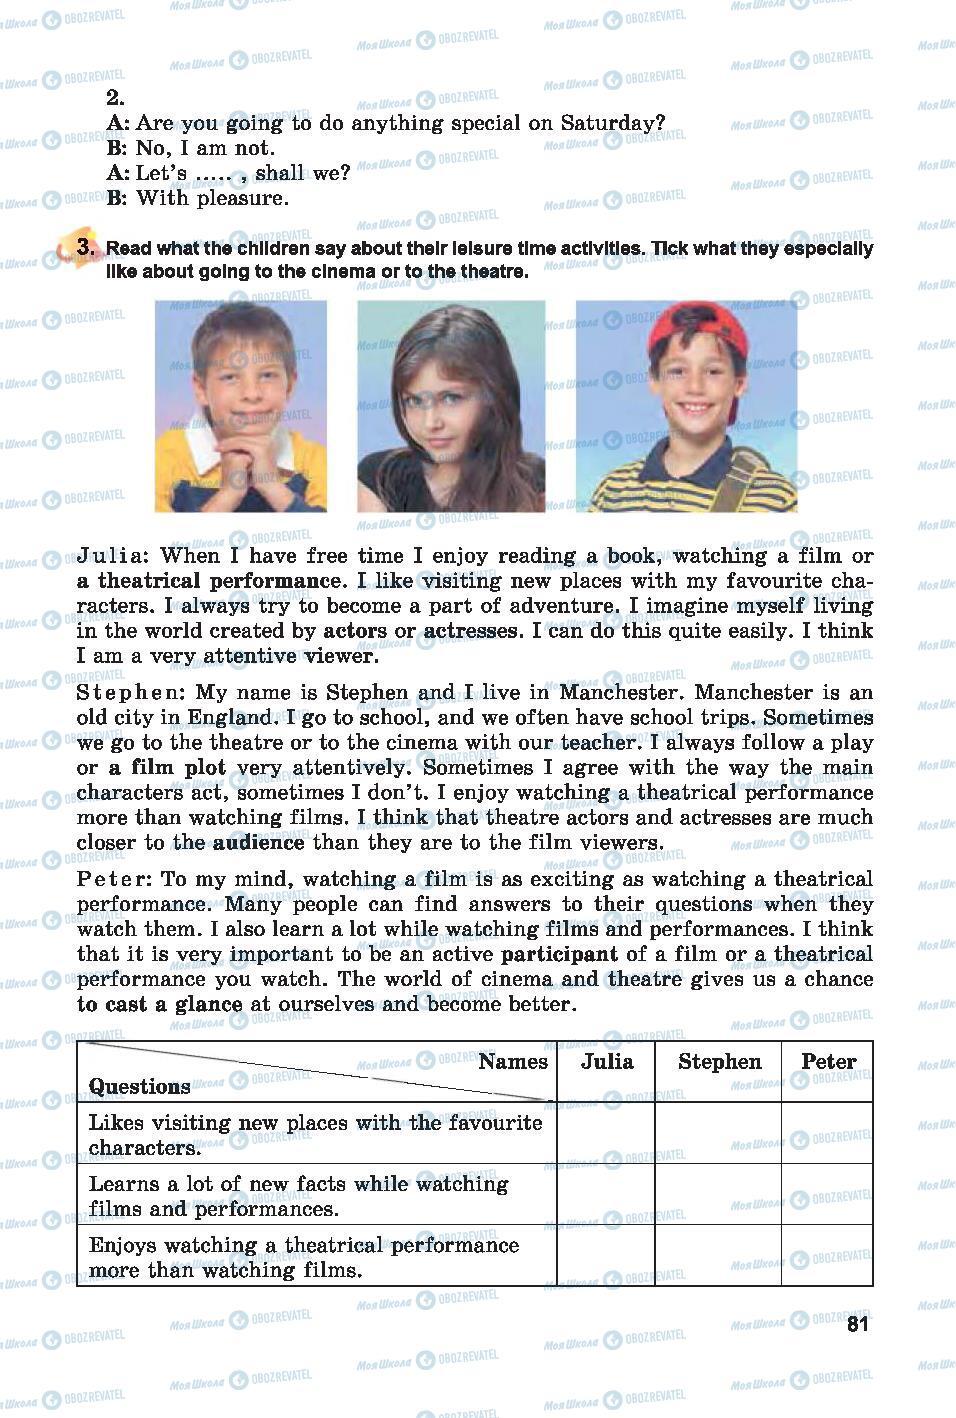 Підручники Англійська мова 7 клас сторінка 81